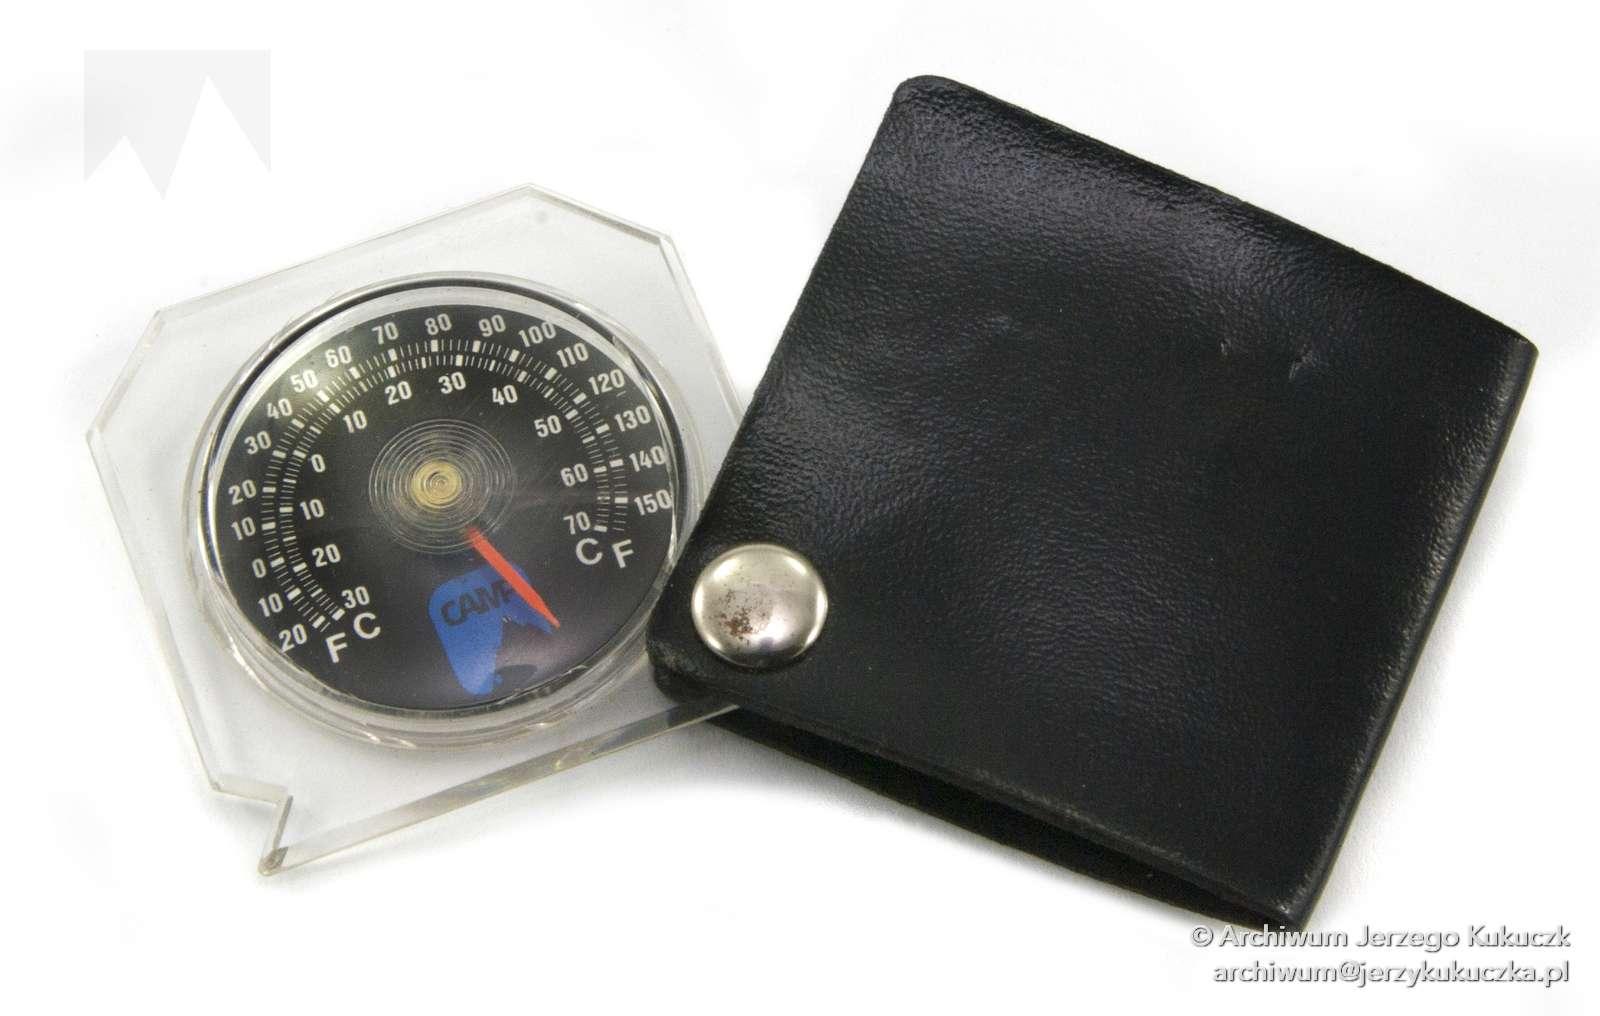 Termometr kieszonkowy używany na wyprawach wysokogórskich przez Jerzego Kukuczkę